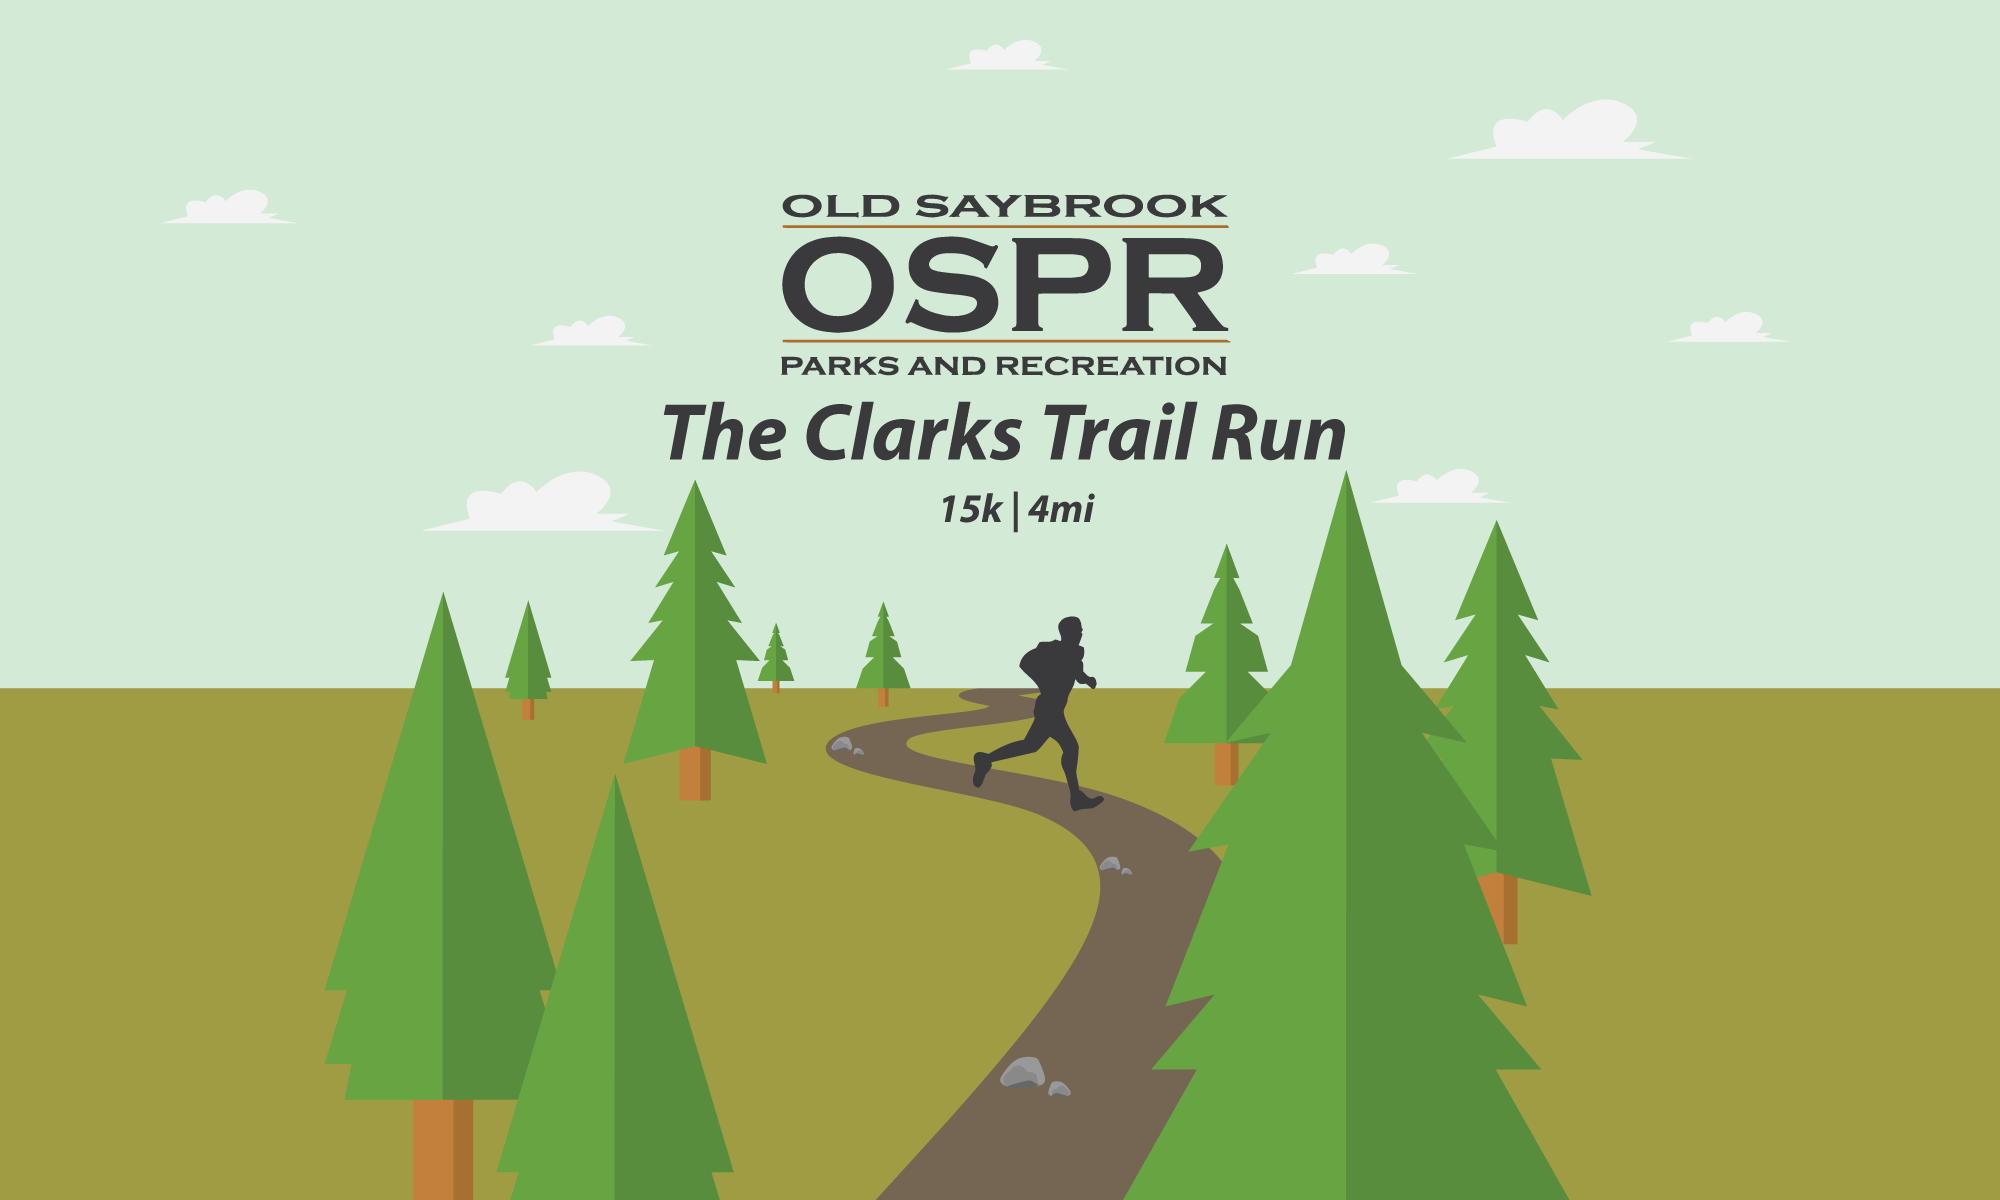 The Clarks Trail Run